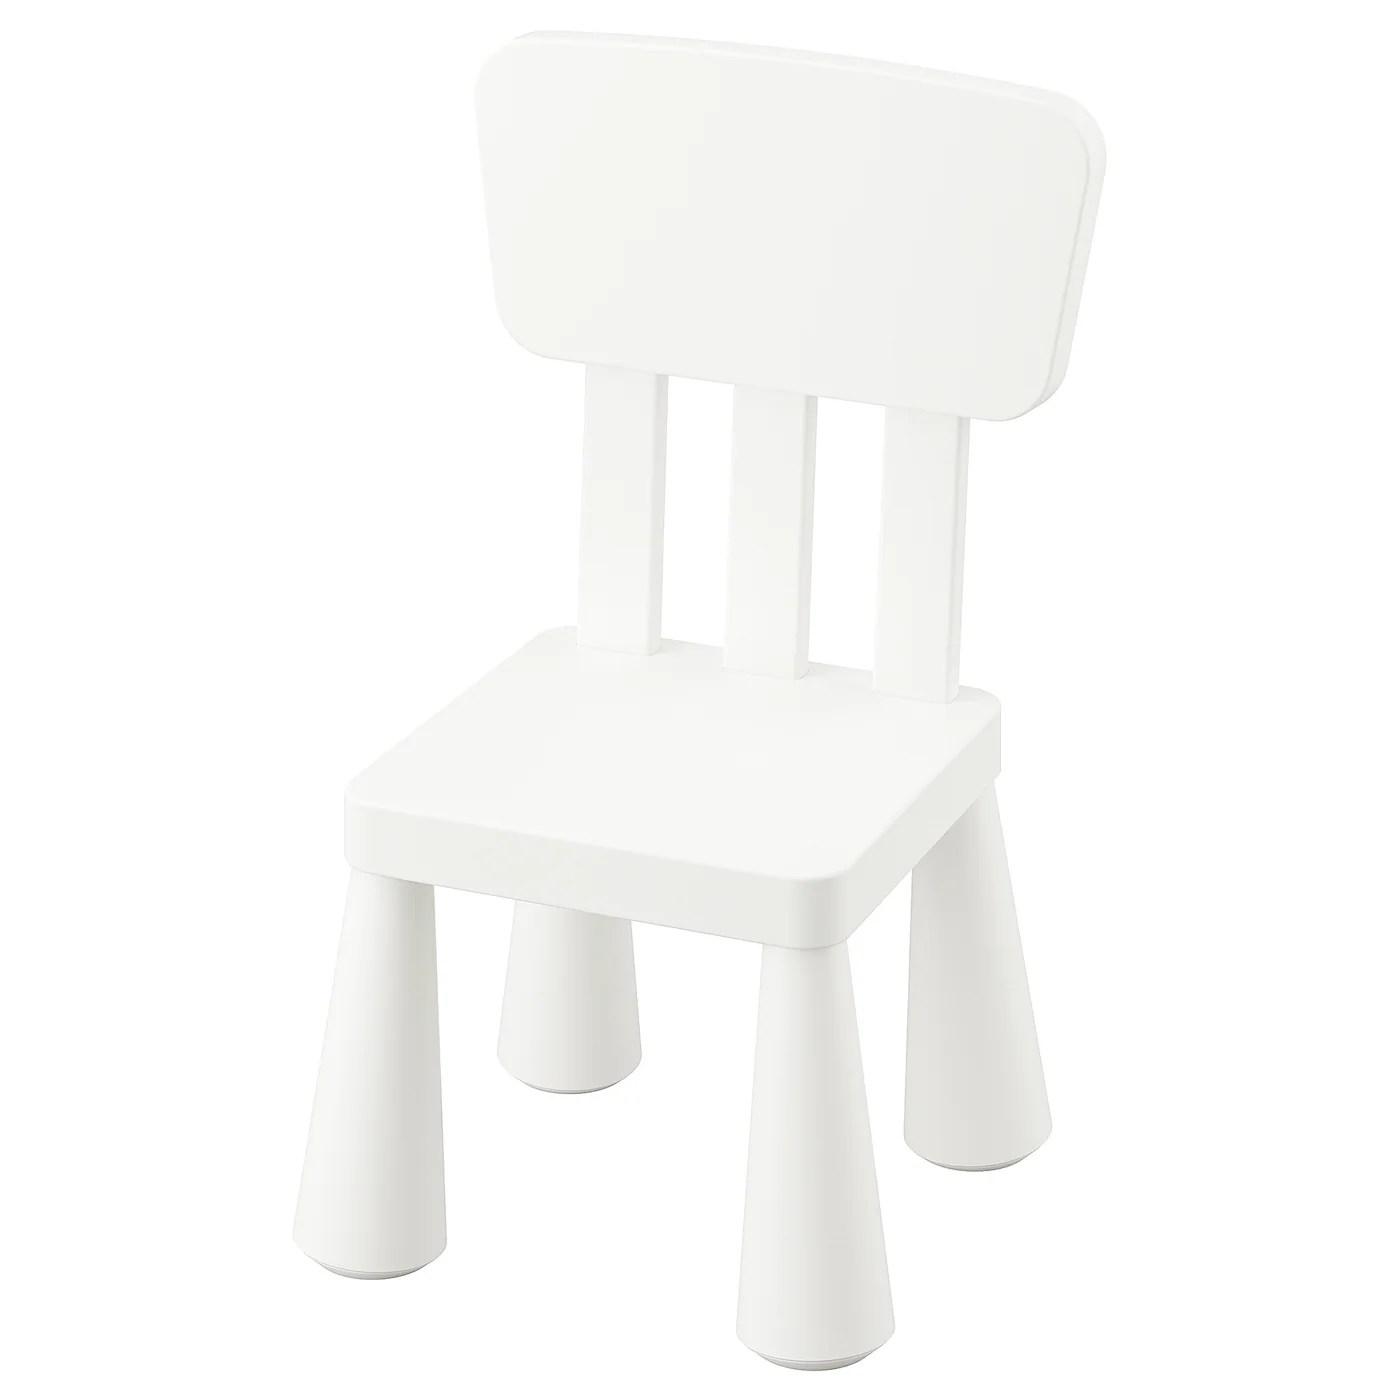 meubles de chambre pour enfants ikea